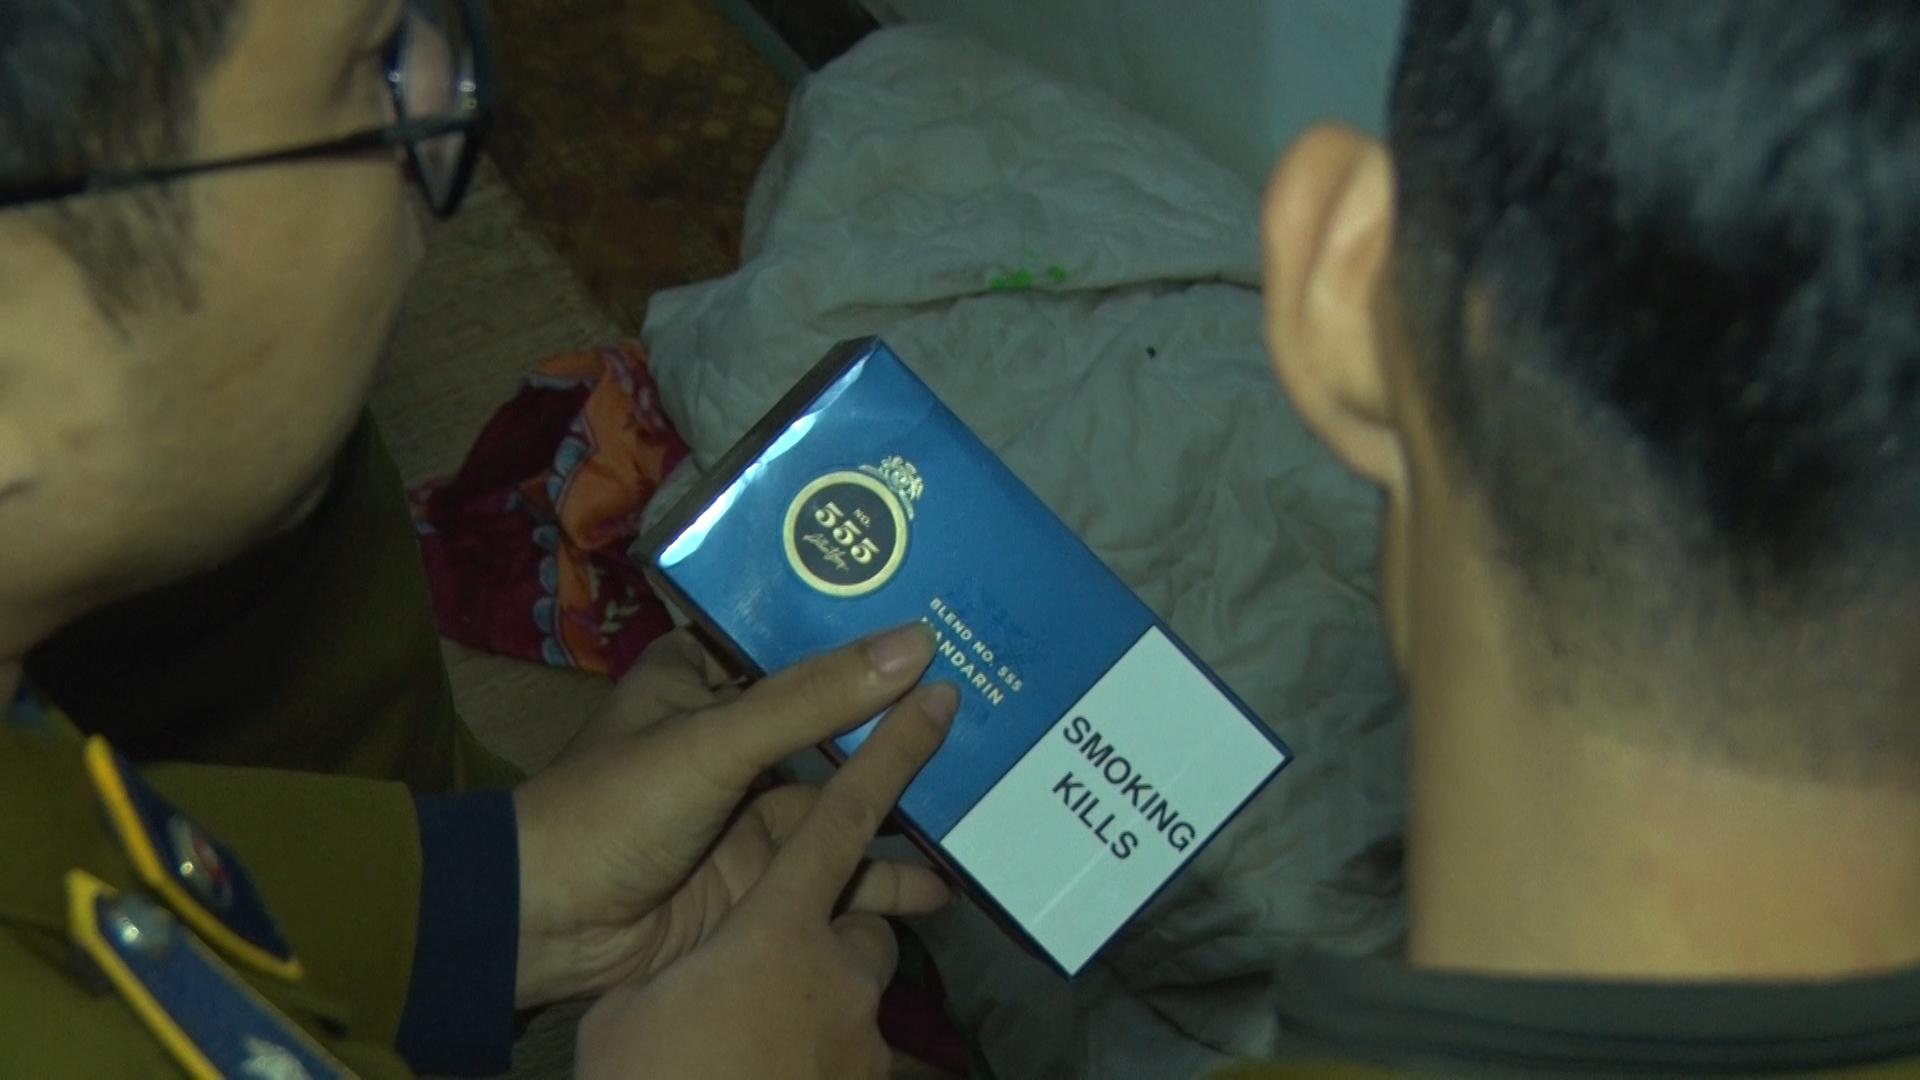 15.000 bao thuốc lá lậu trong ngôi nhà ở Hà Nội chờ bung ra đợt Tết